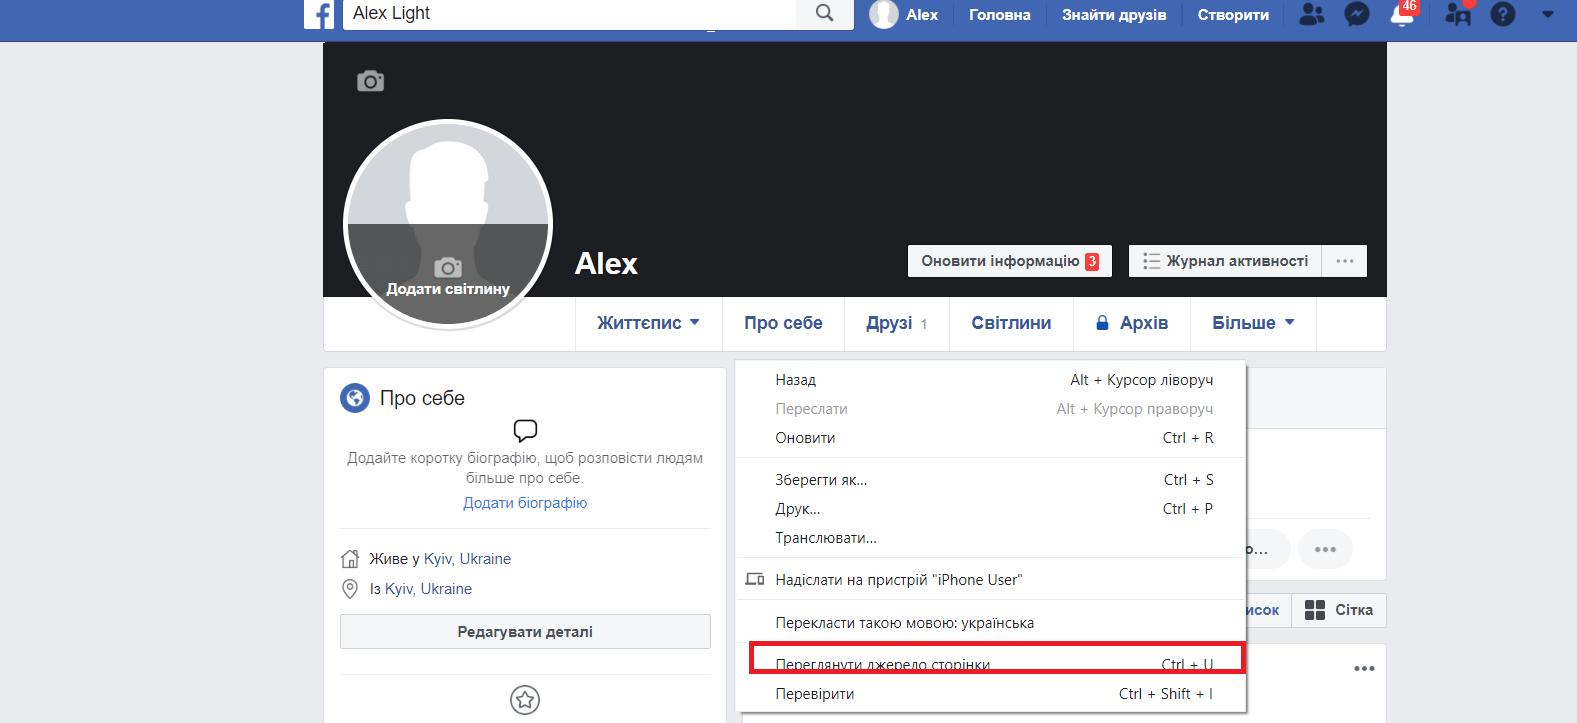 хто відвідує мій профіль у фейсбуці - код сторінки